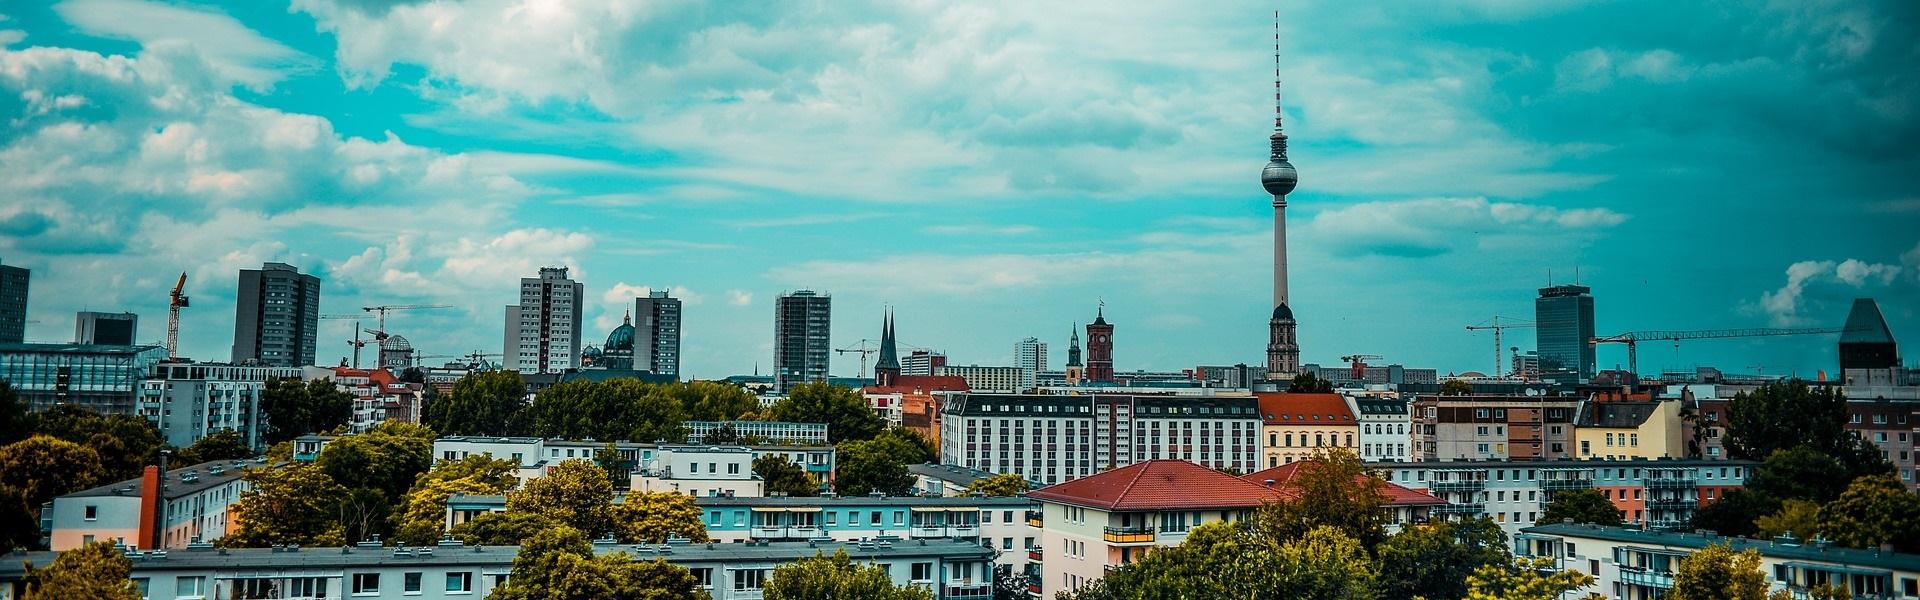 Présentation d'Hélène, Française souhaitant s'expatrier à Berlin sans parler allemand